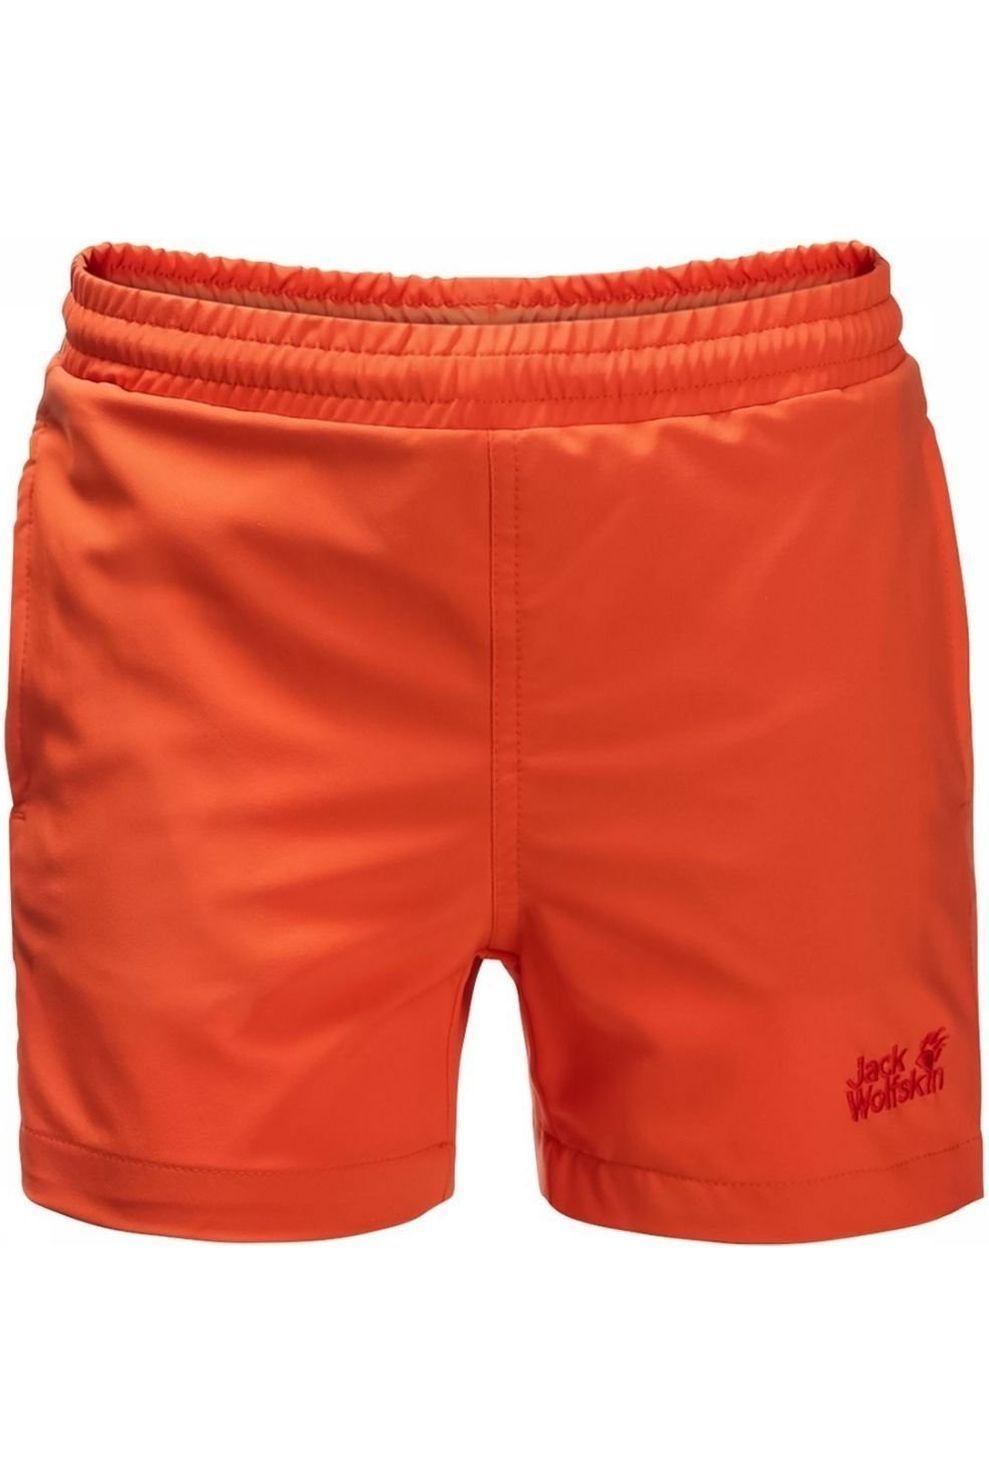 Jack Wolfskin Zwemshort Bay voor kids - Oranje - Maten: 116, 140